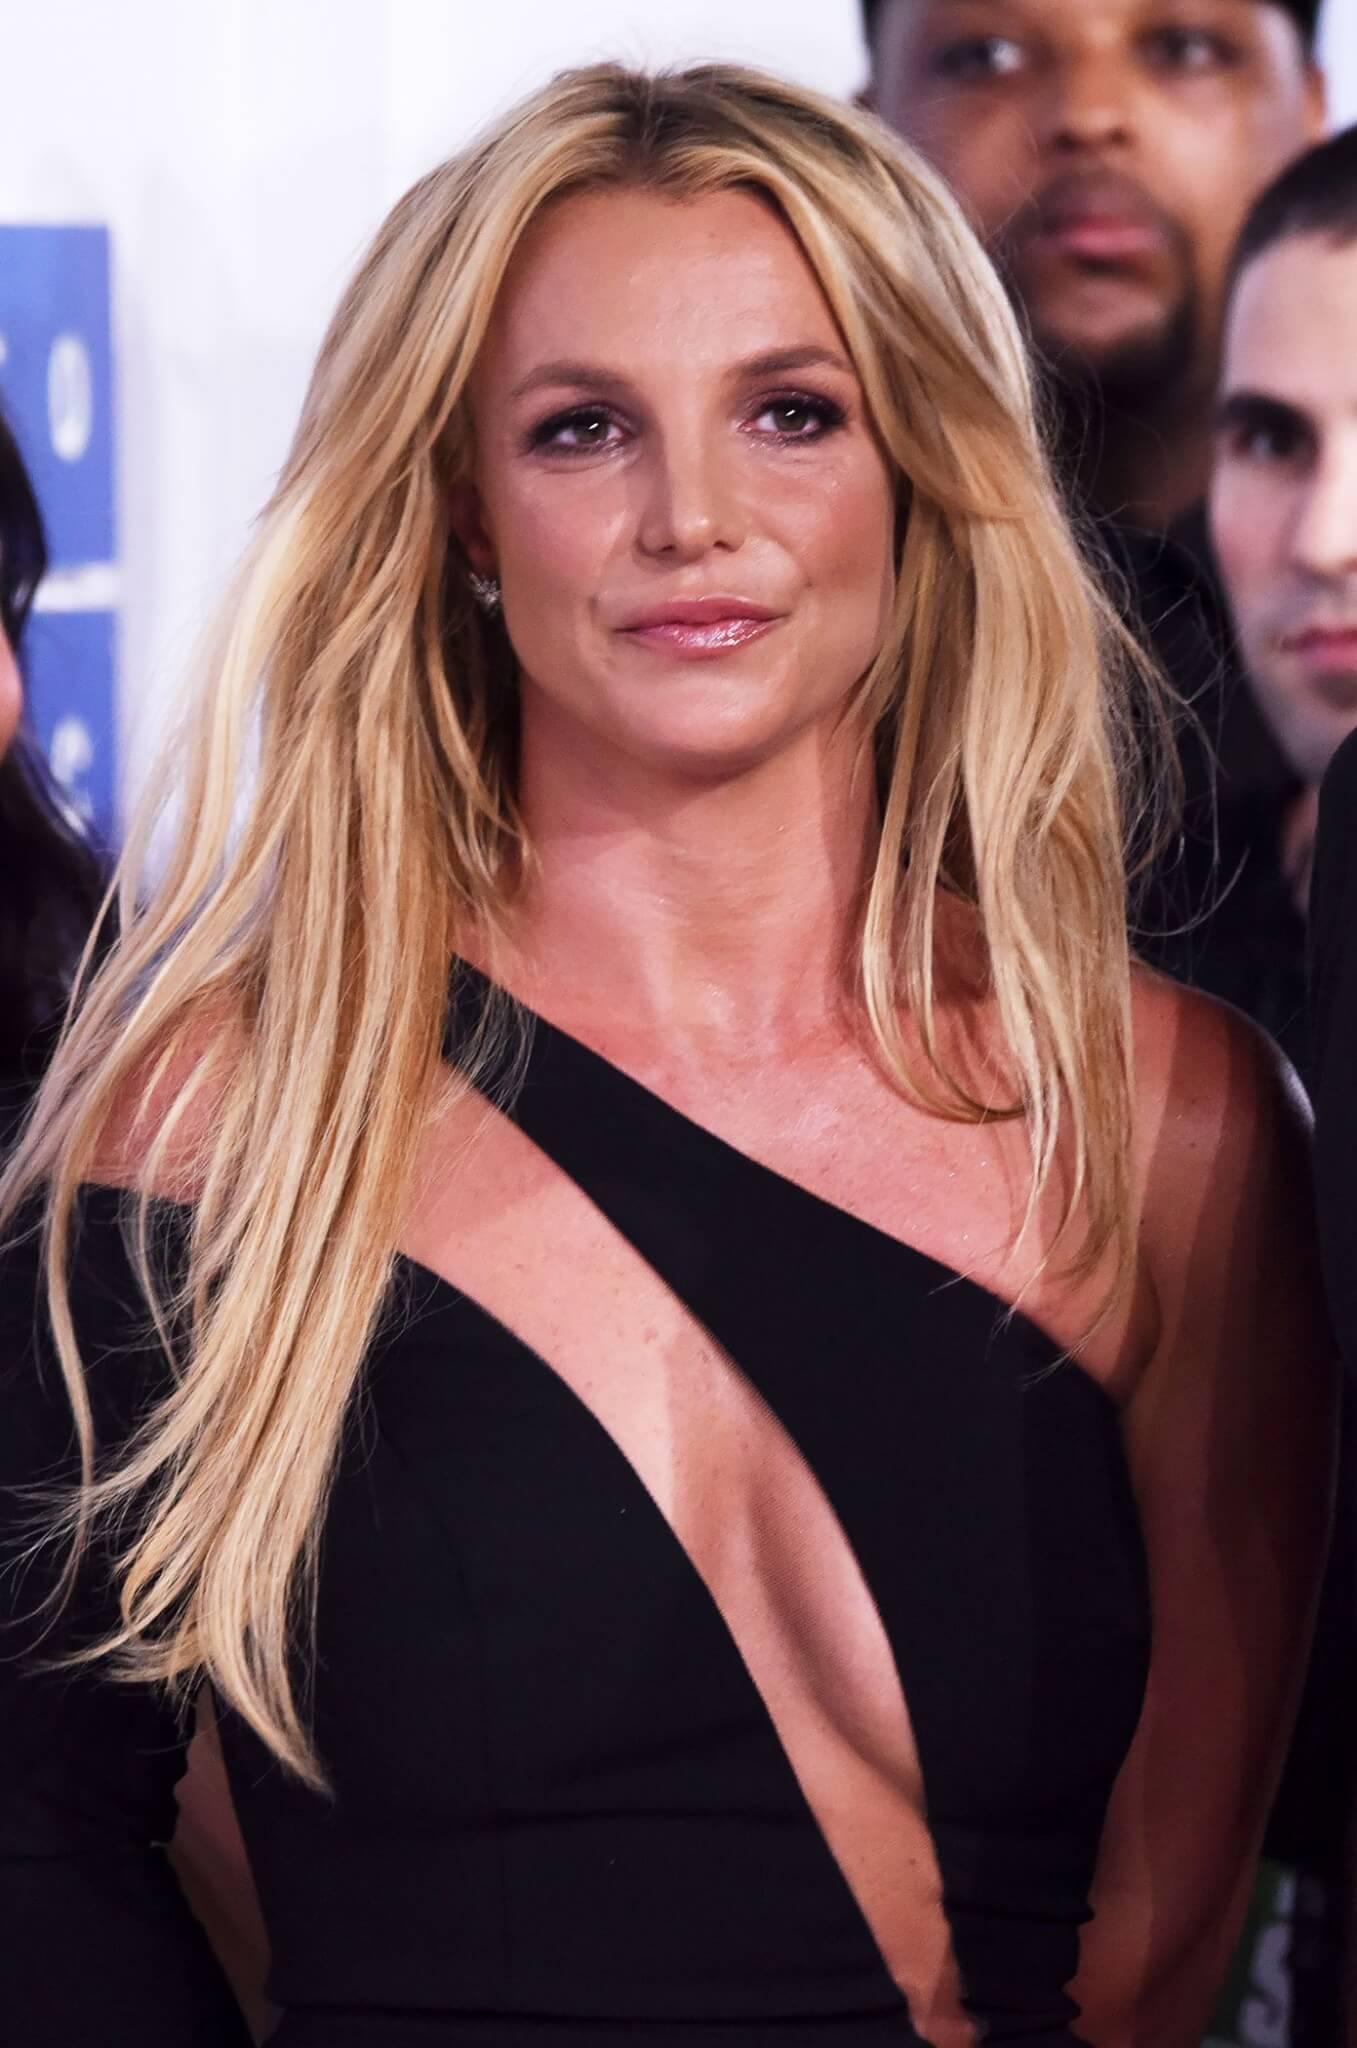 Abogado de Britney Spears también presenta su renuncia tras las fuertes revelaciones de la artista